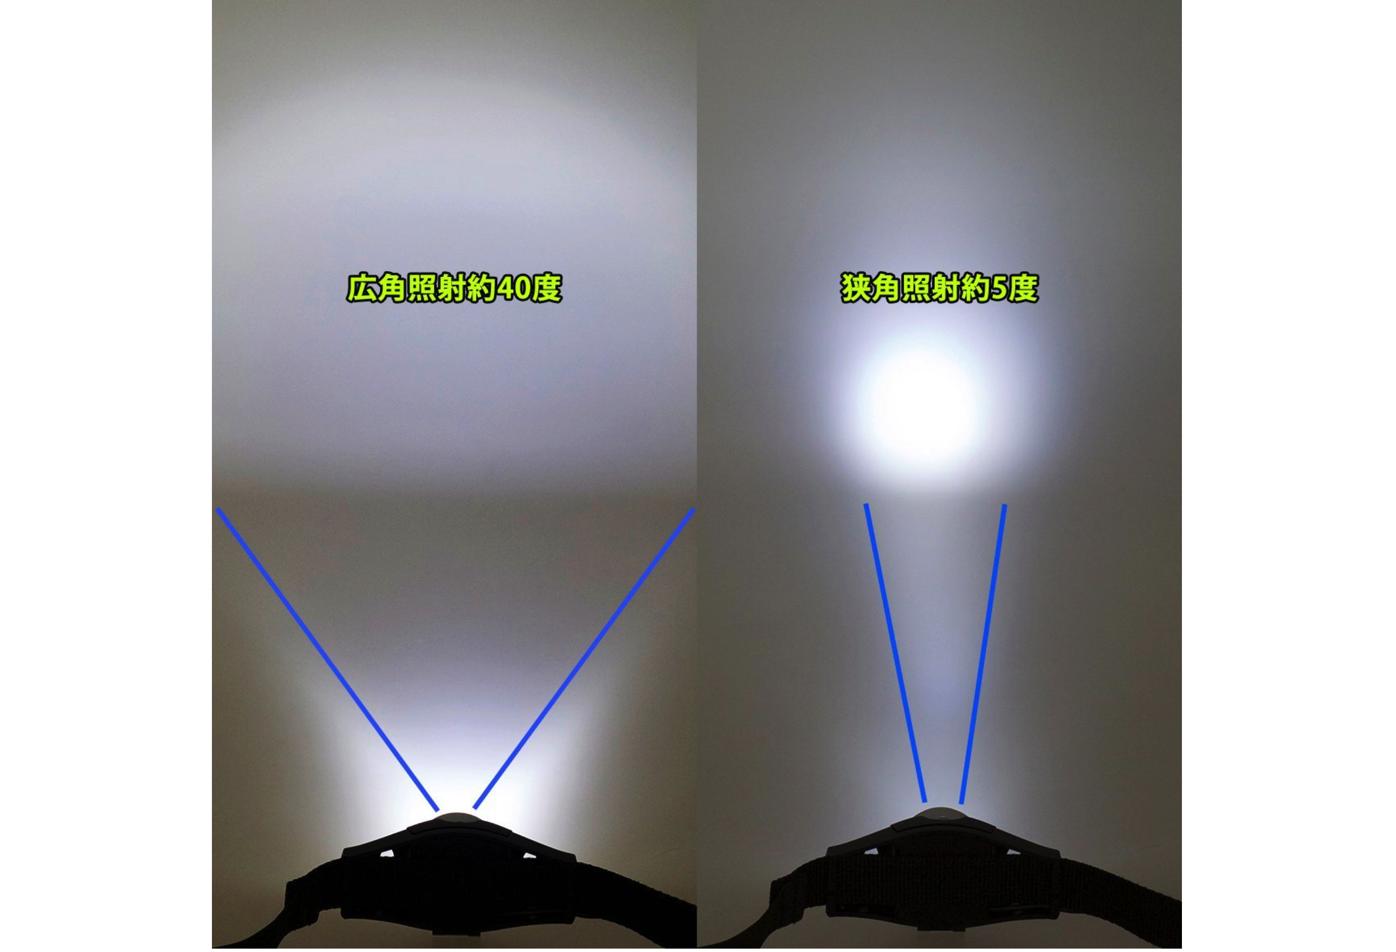 ReUdo ランニングライト 軽量ウエストベルトタイプ-7